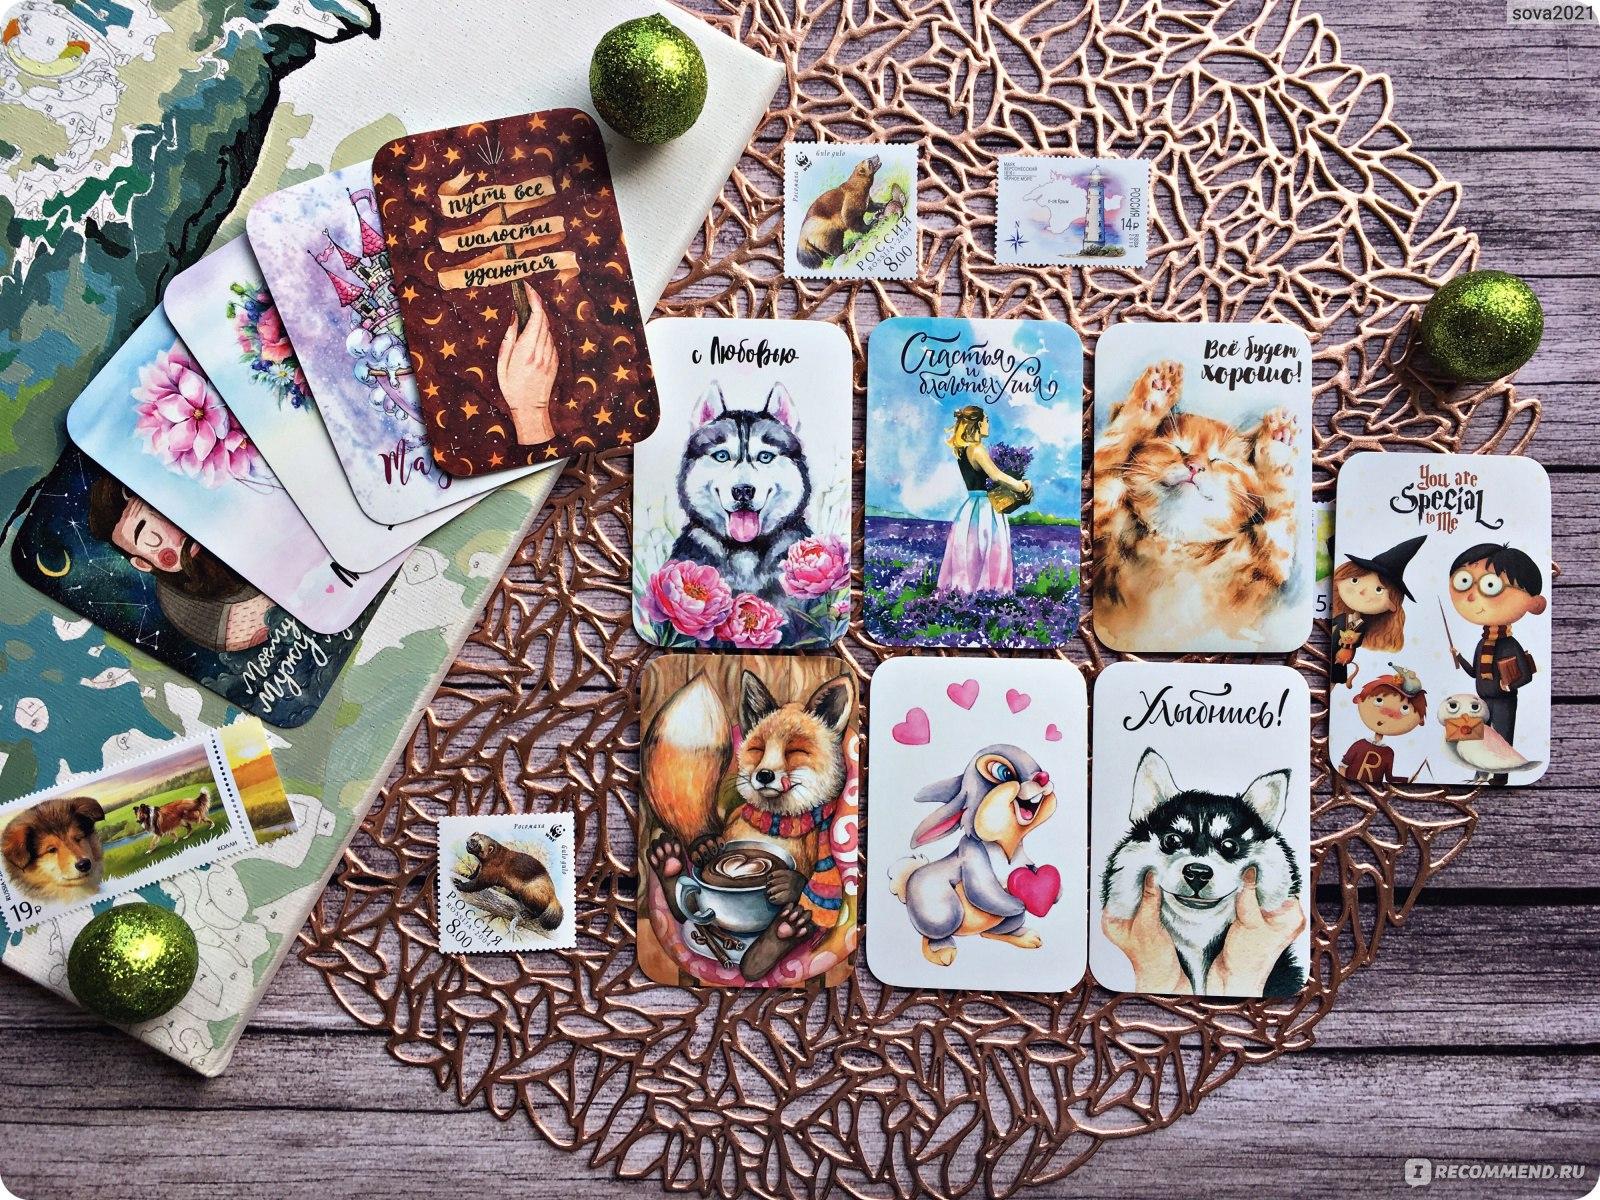 Гифки, дымов арт открытки